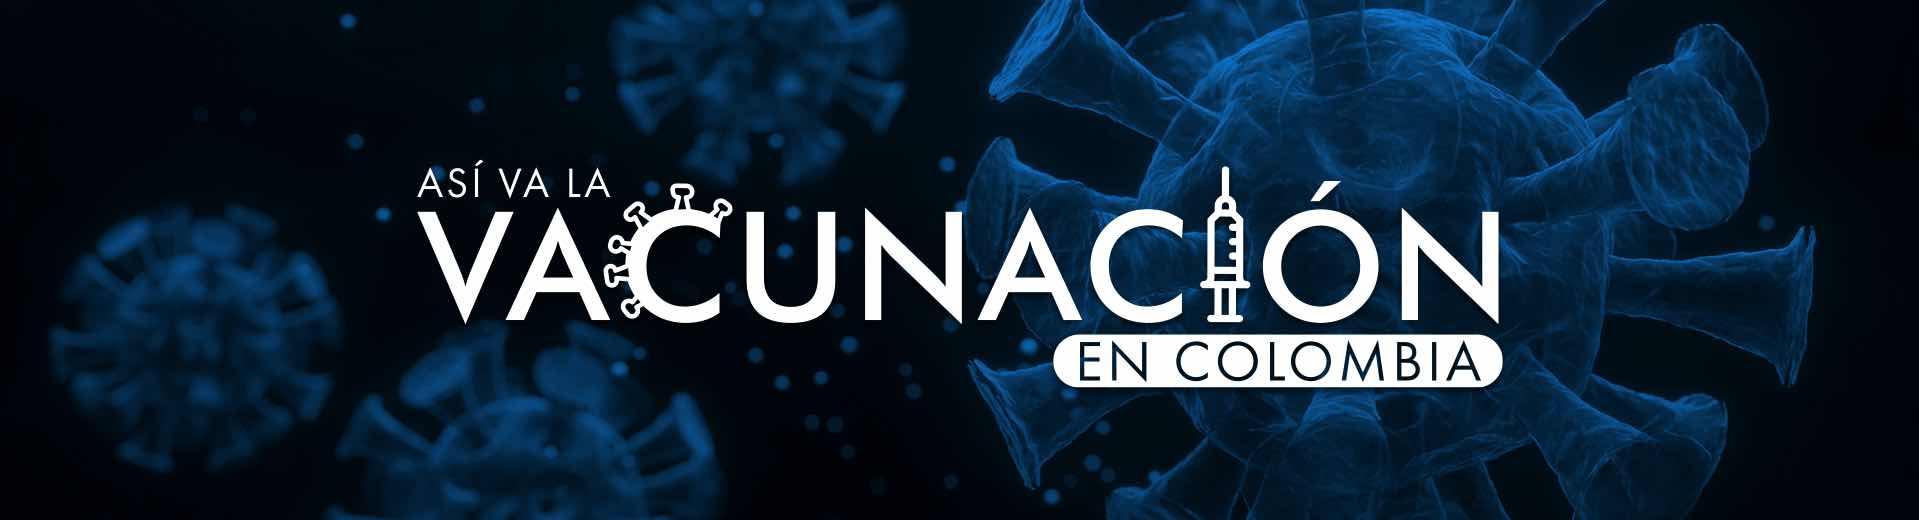 Asi va la vacunación en Colombia